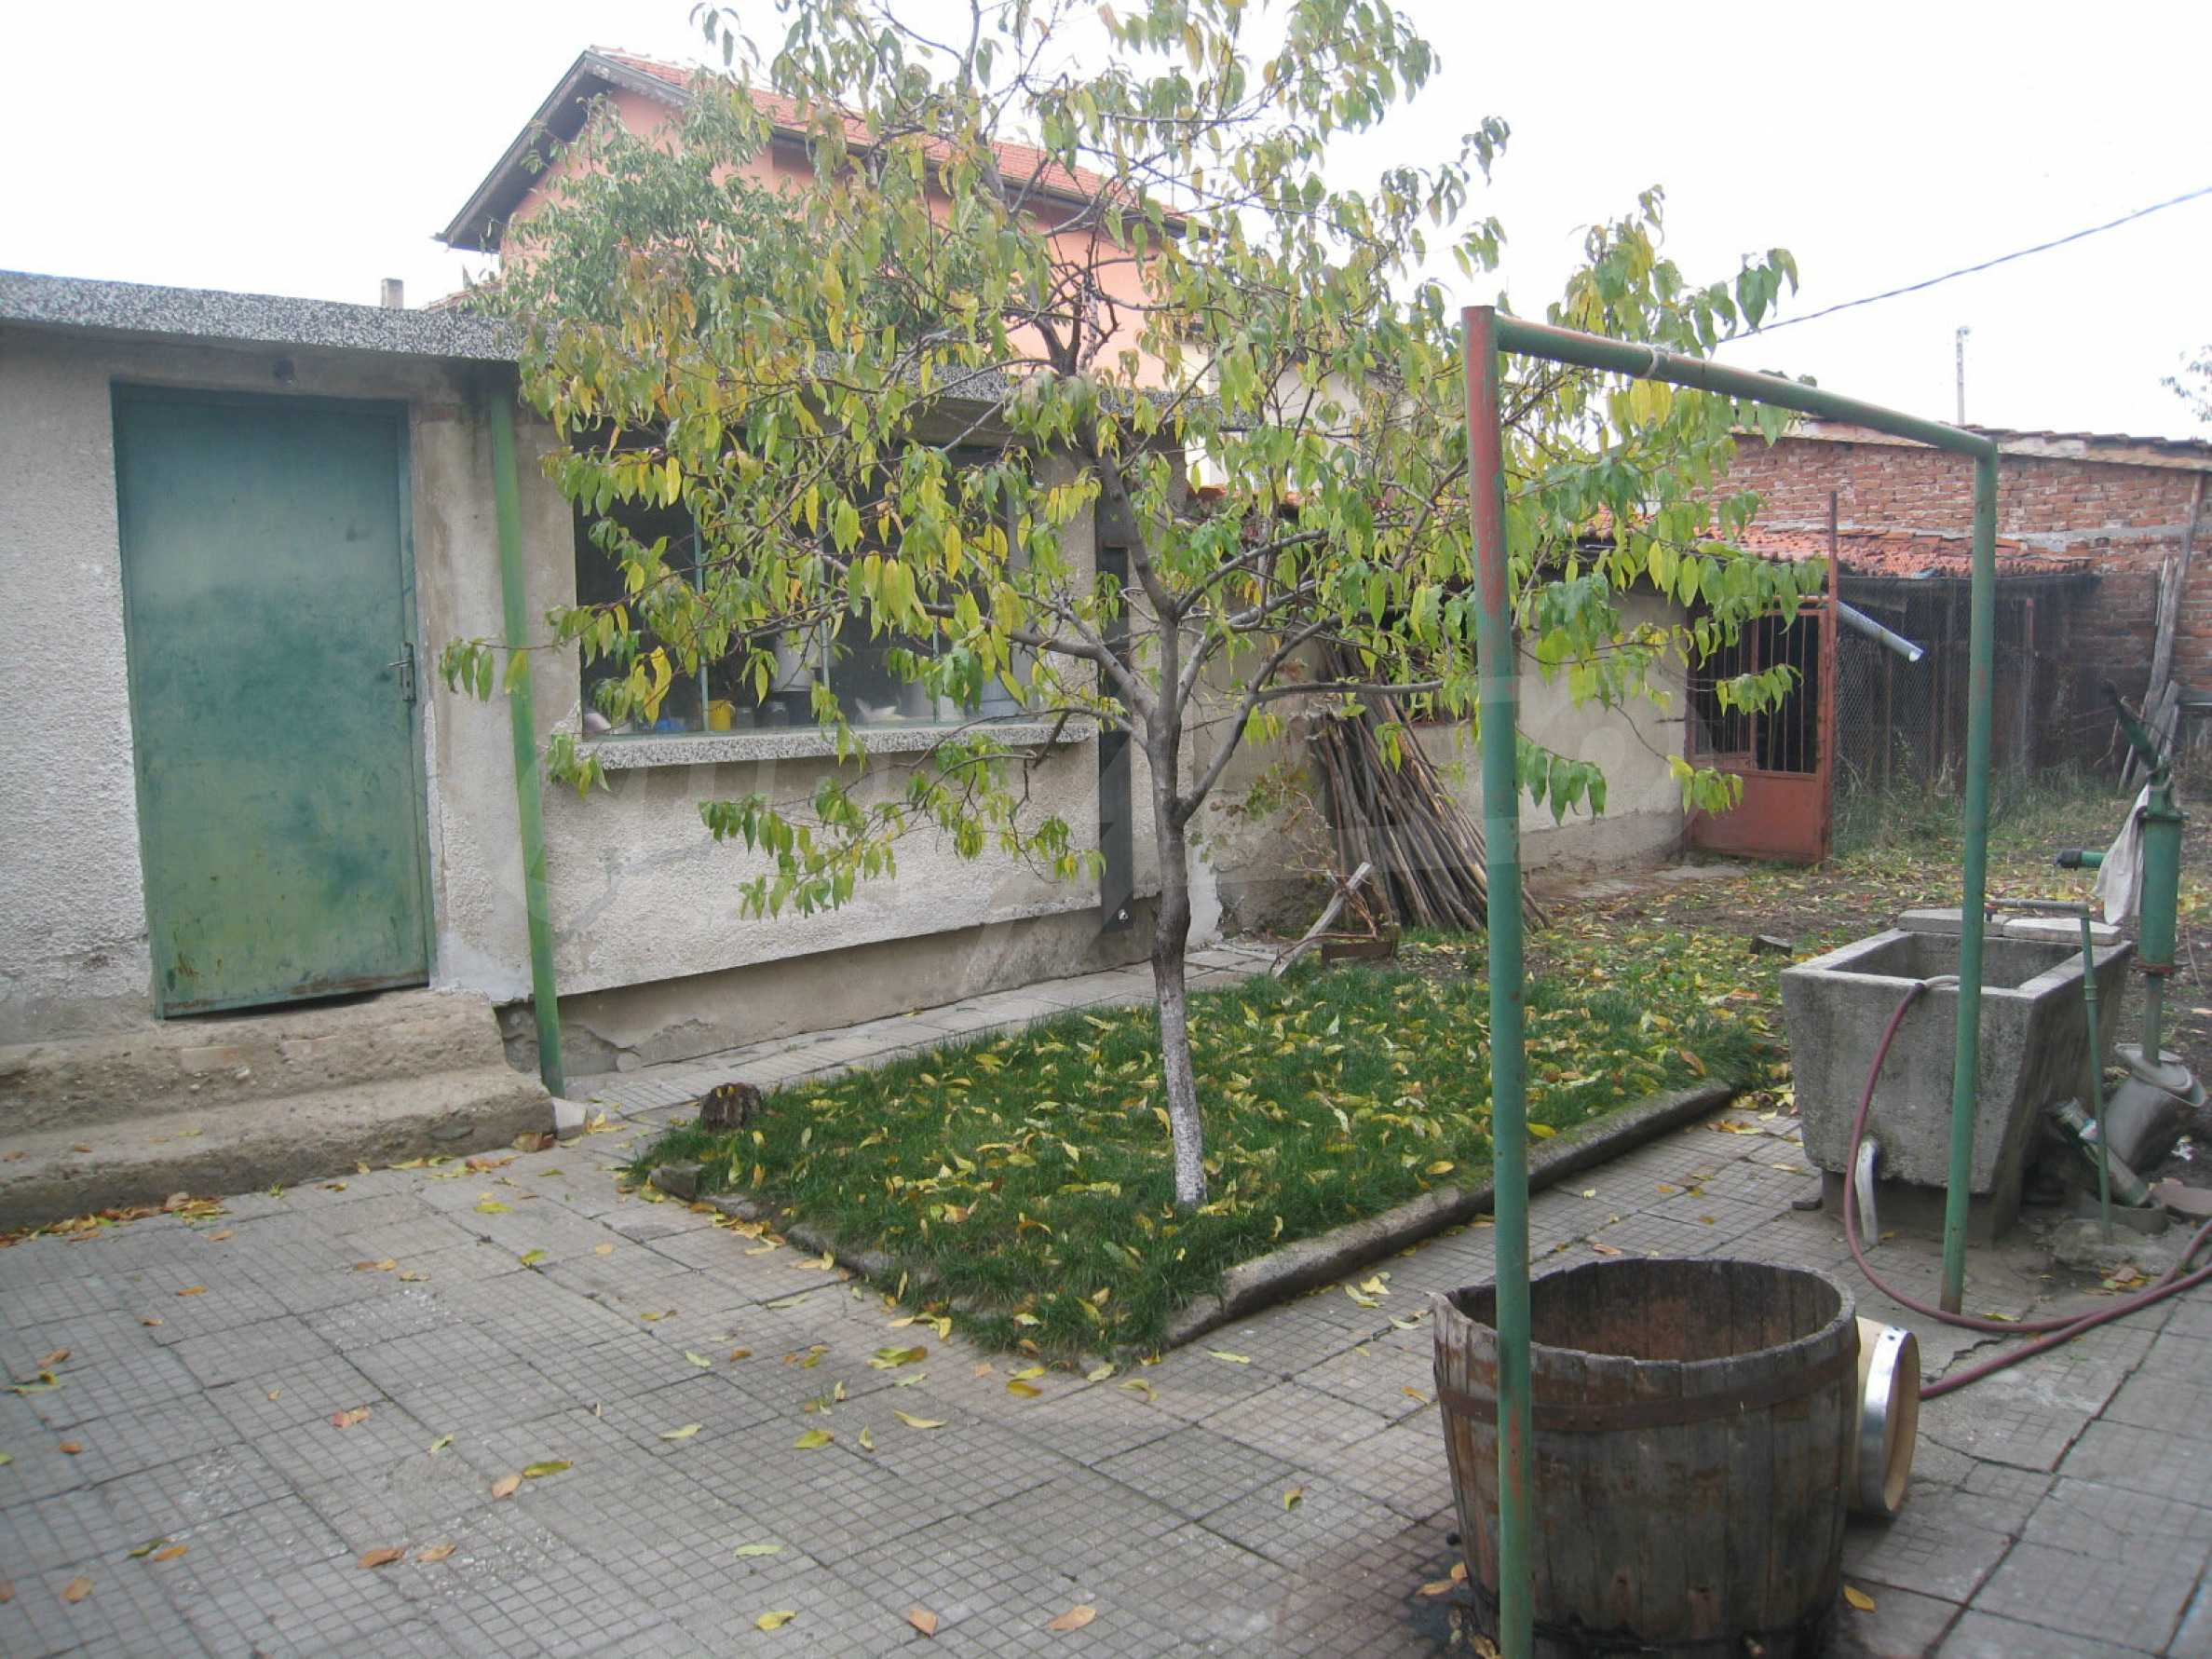 Großes zweistöckiges Haus mit Hof in einem Dorf in der Nähe von Sofia 58